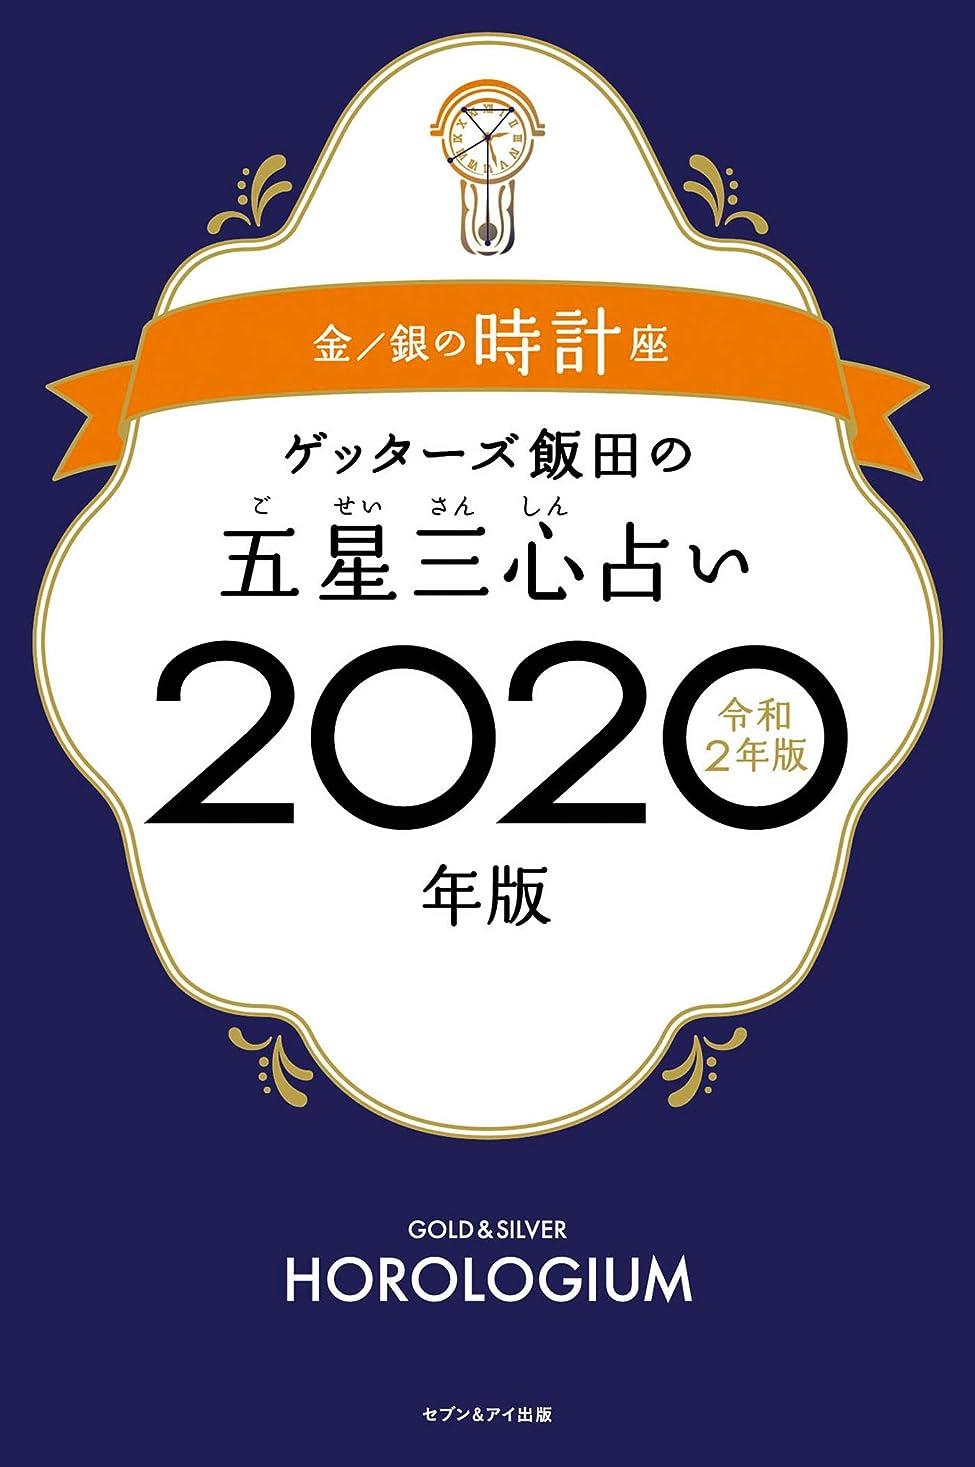 否定する実質的アンタゴニストゲッターズ飯田の五星三心占い2020年版 金/銀の時計座